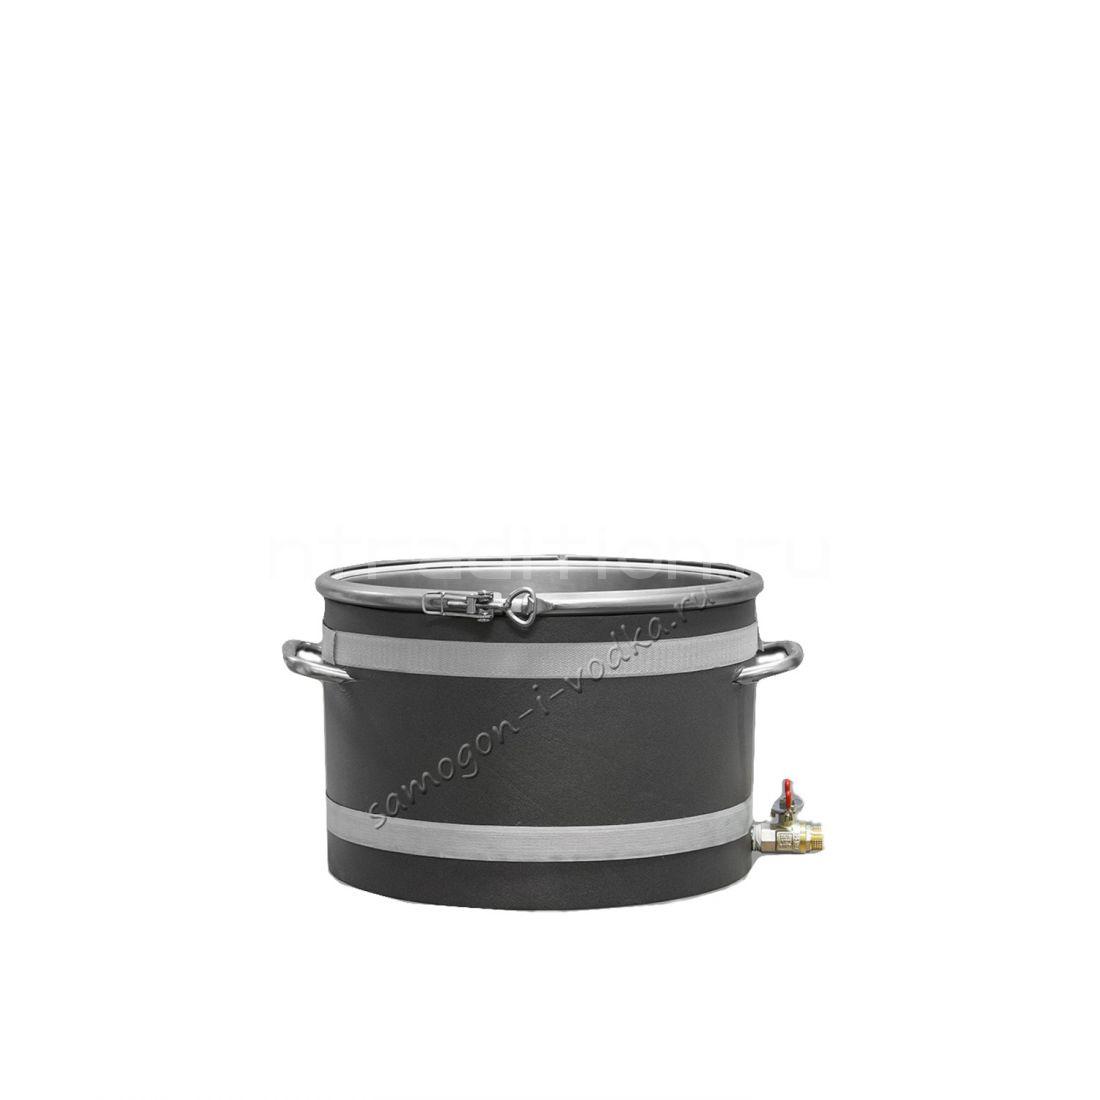 Перегонный куб ХД-17/ун maxima D320 без нагрева ТЭНами